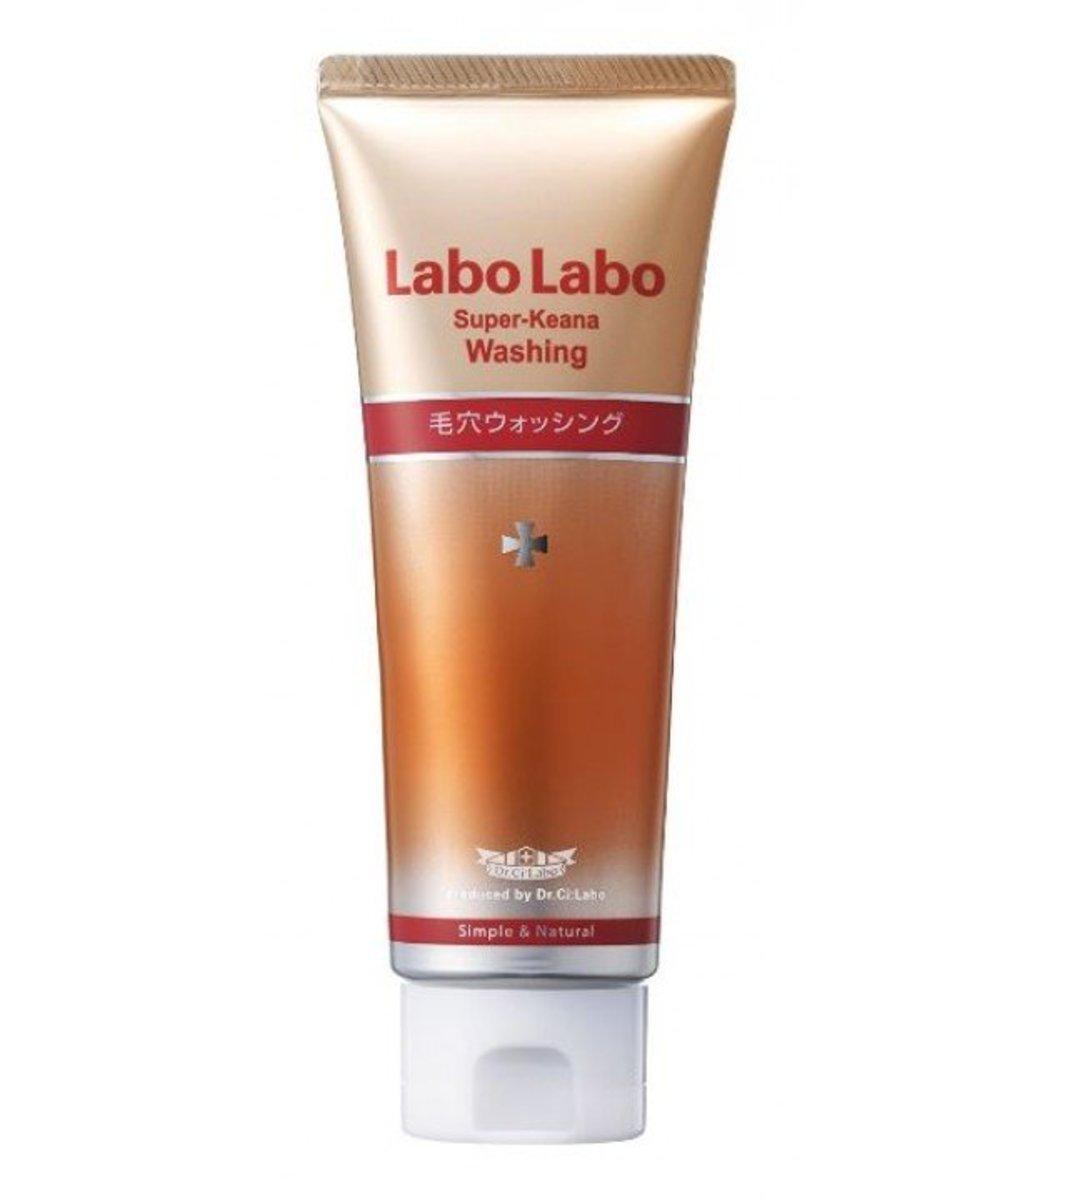 Labo Labo 毛孔潔淨洗面乳 120g